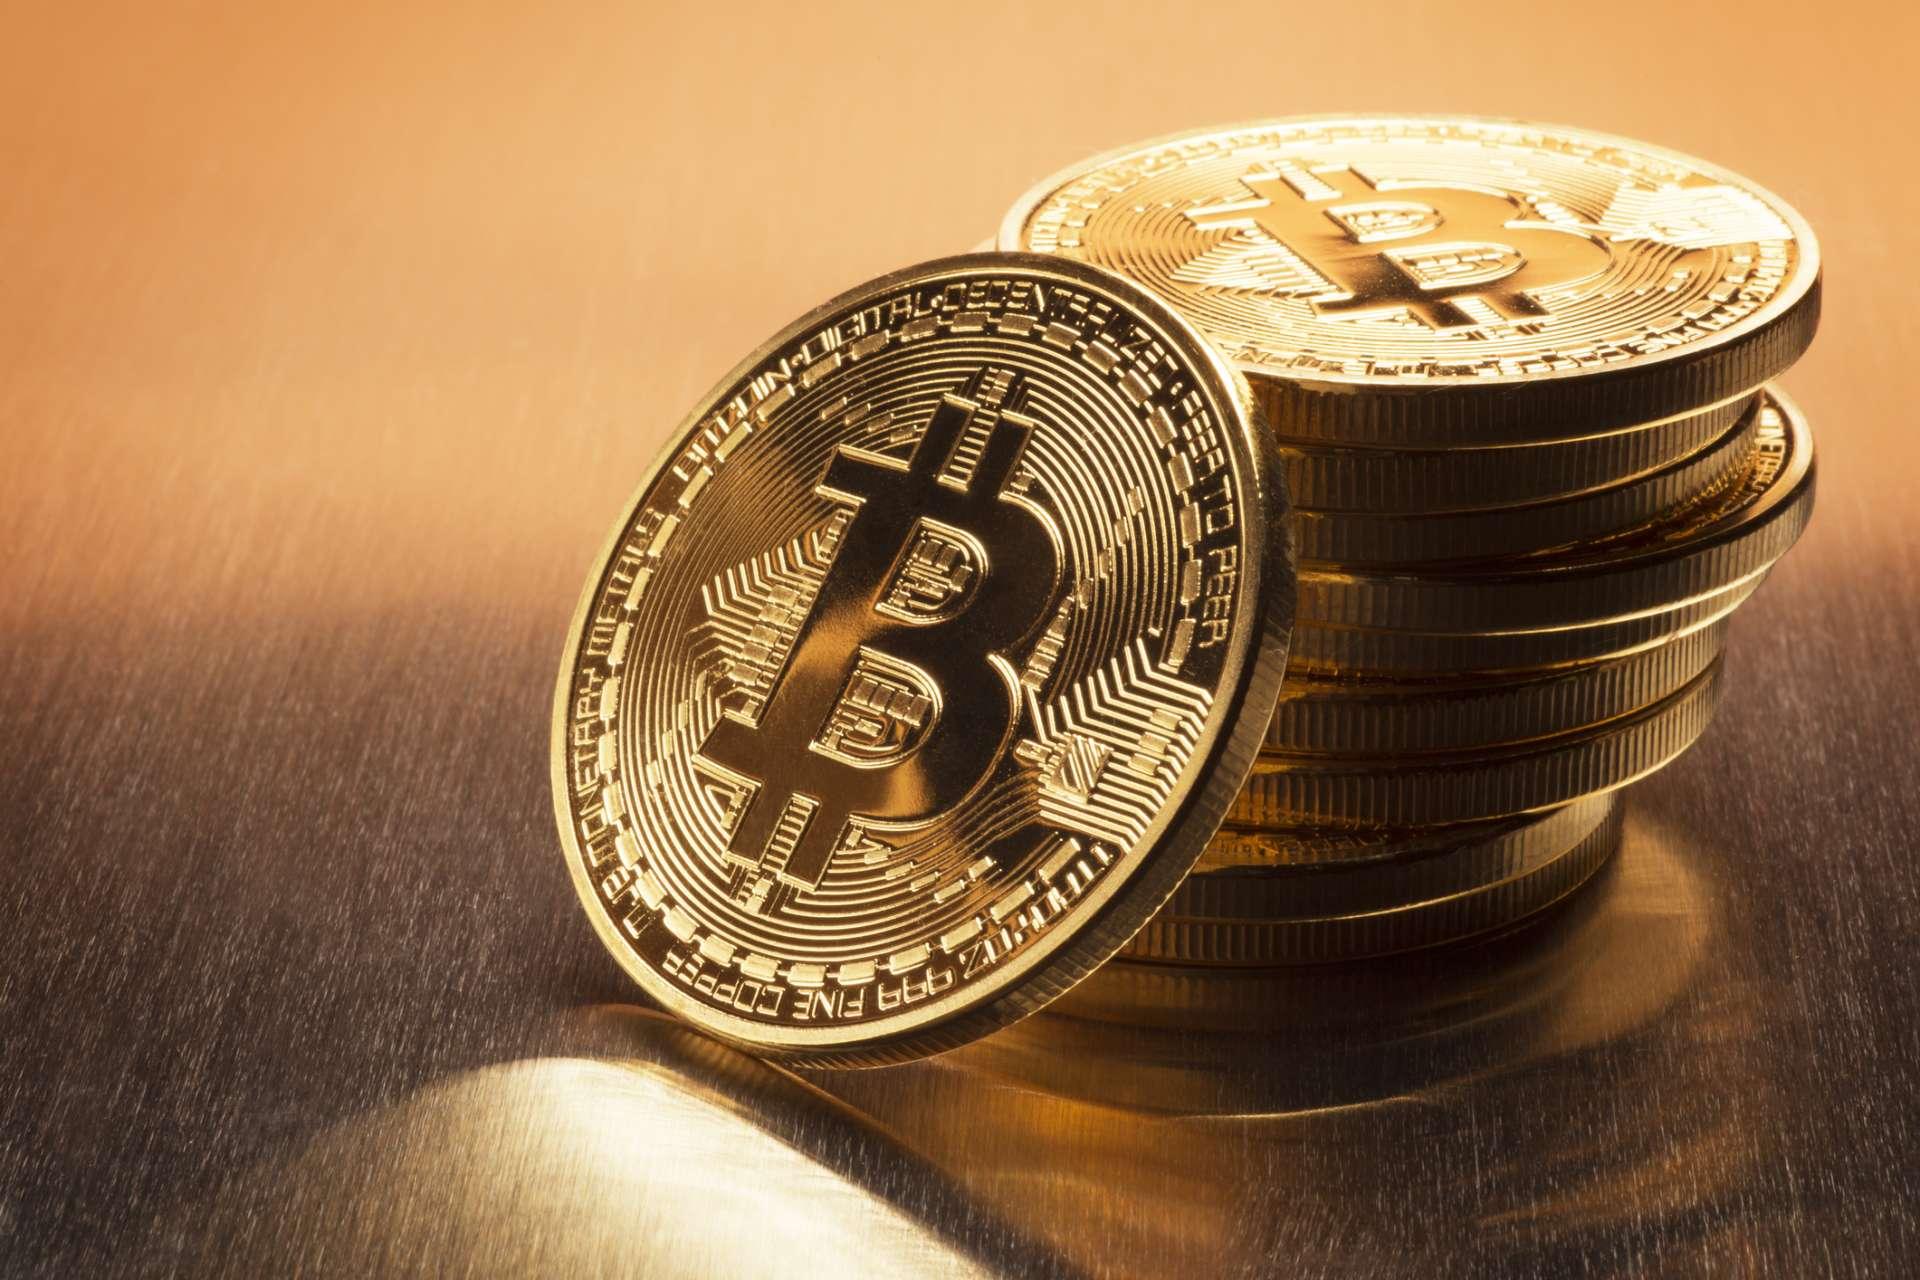 vienas bitcoin į usd bitcoin trader aleksandras johnson